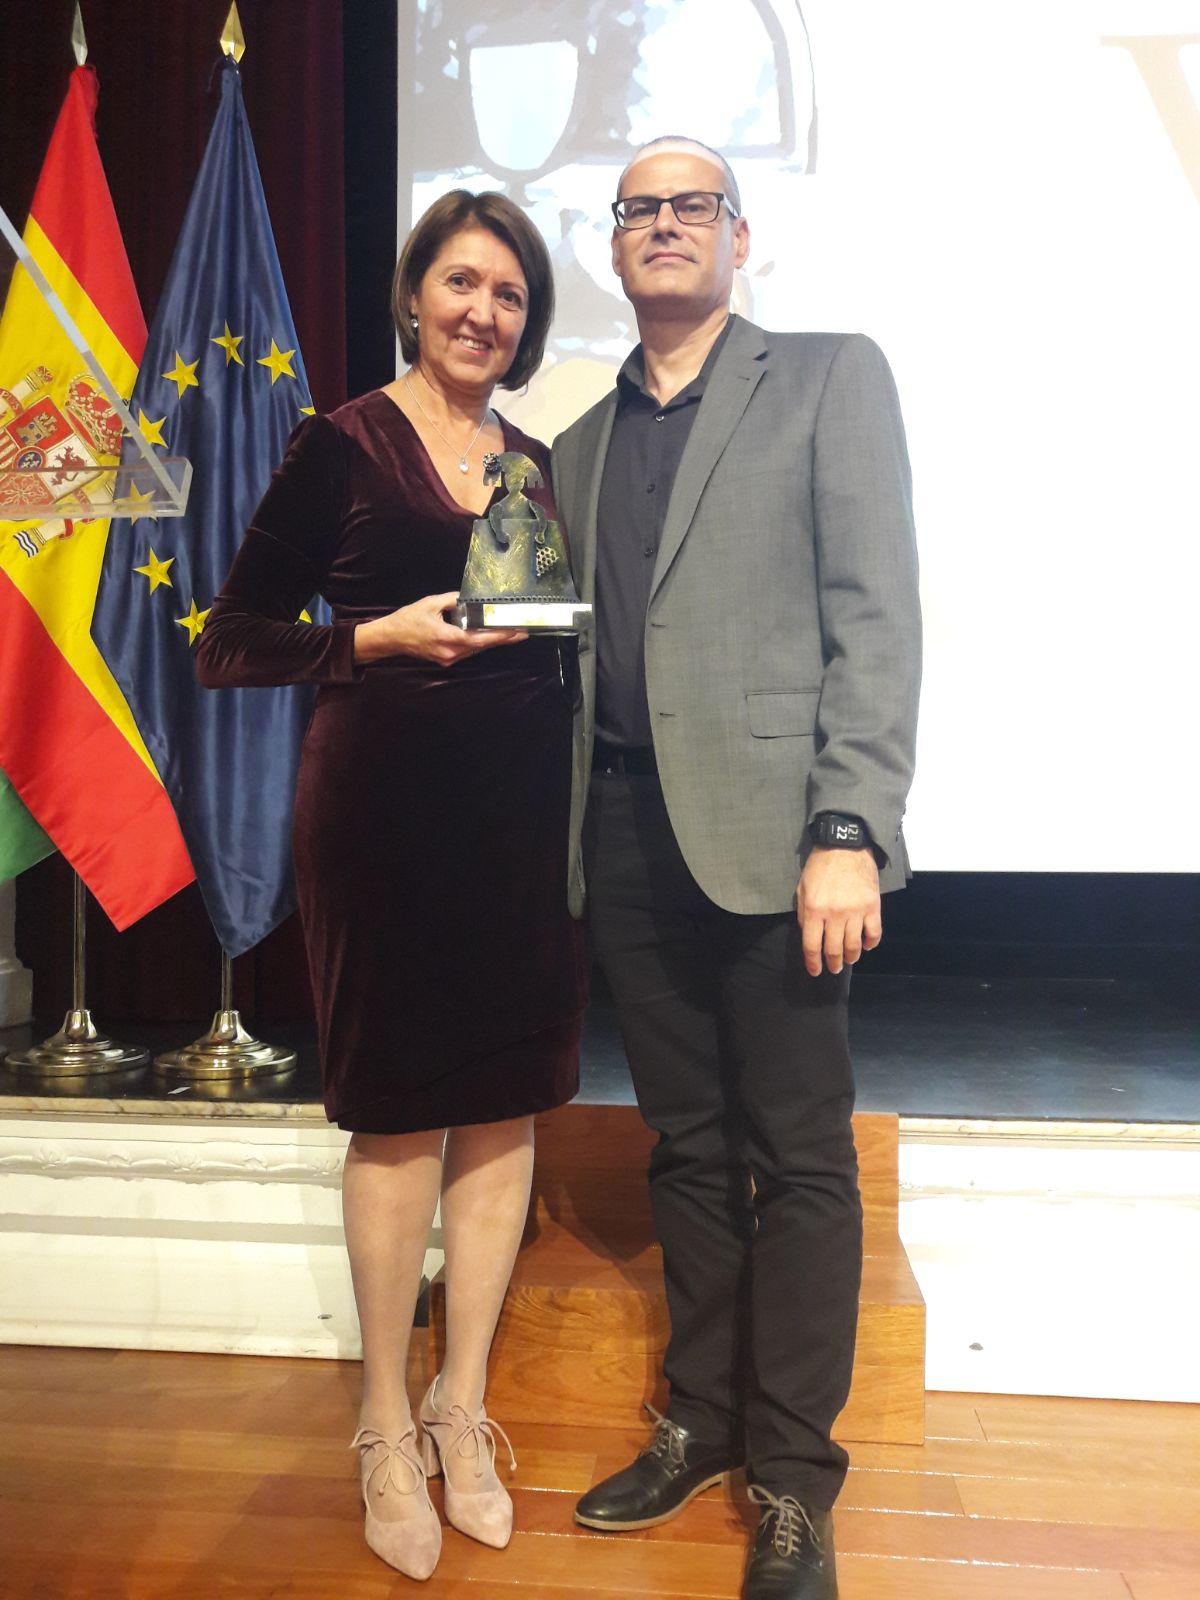 La médica de Urgencias del Hospital Costa del Sol, Carmen Agüera, ha recibido el 'Premio Menina' por su trabajo en la lucha contra la Violencia de Género